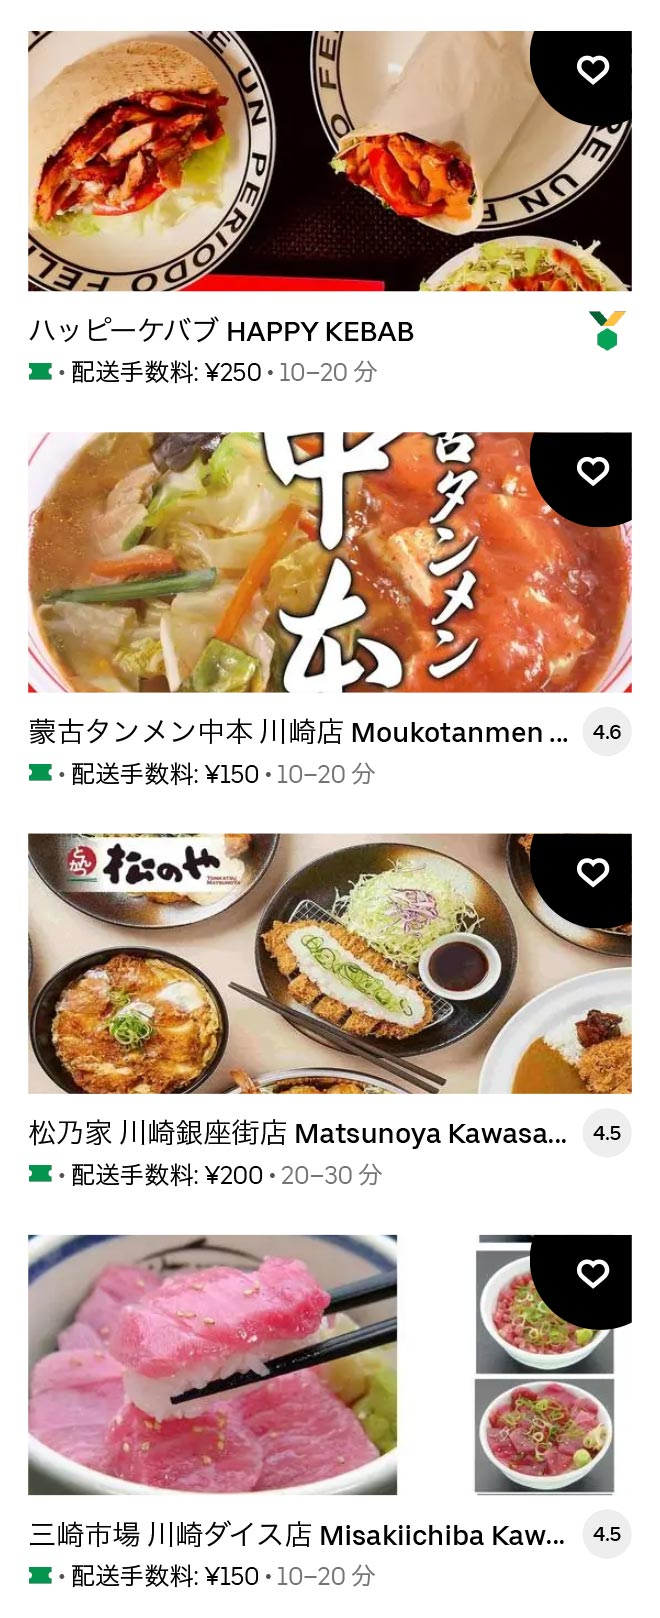 1 u kawasaki 2105 10